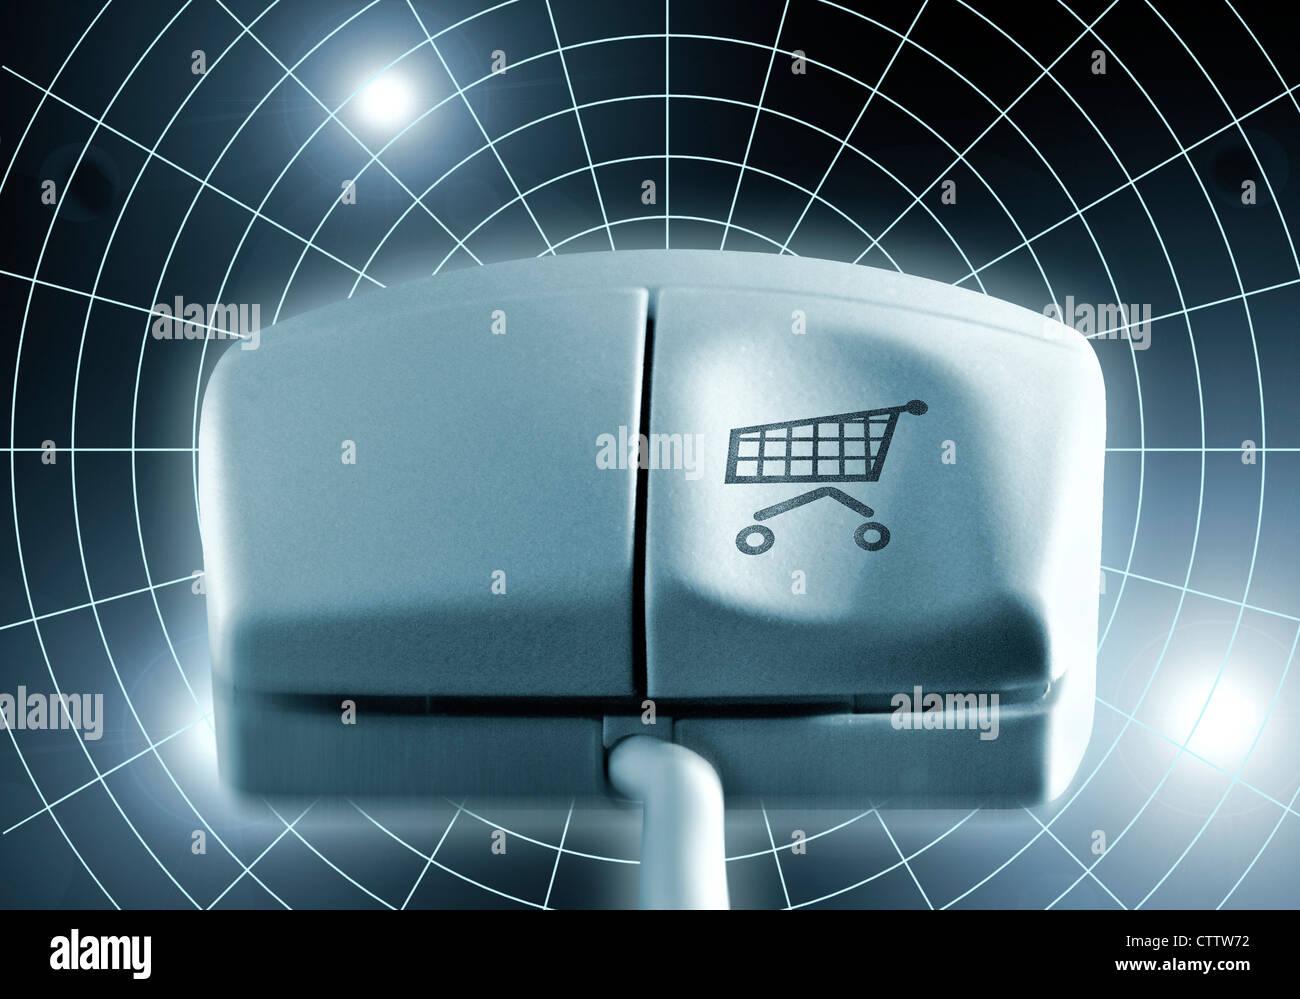 Computermaus Mit Einkaufswagen Auf der Linken Maustaste Stockbild